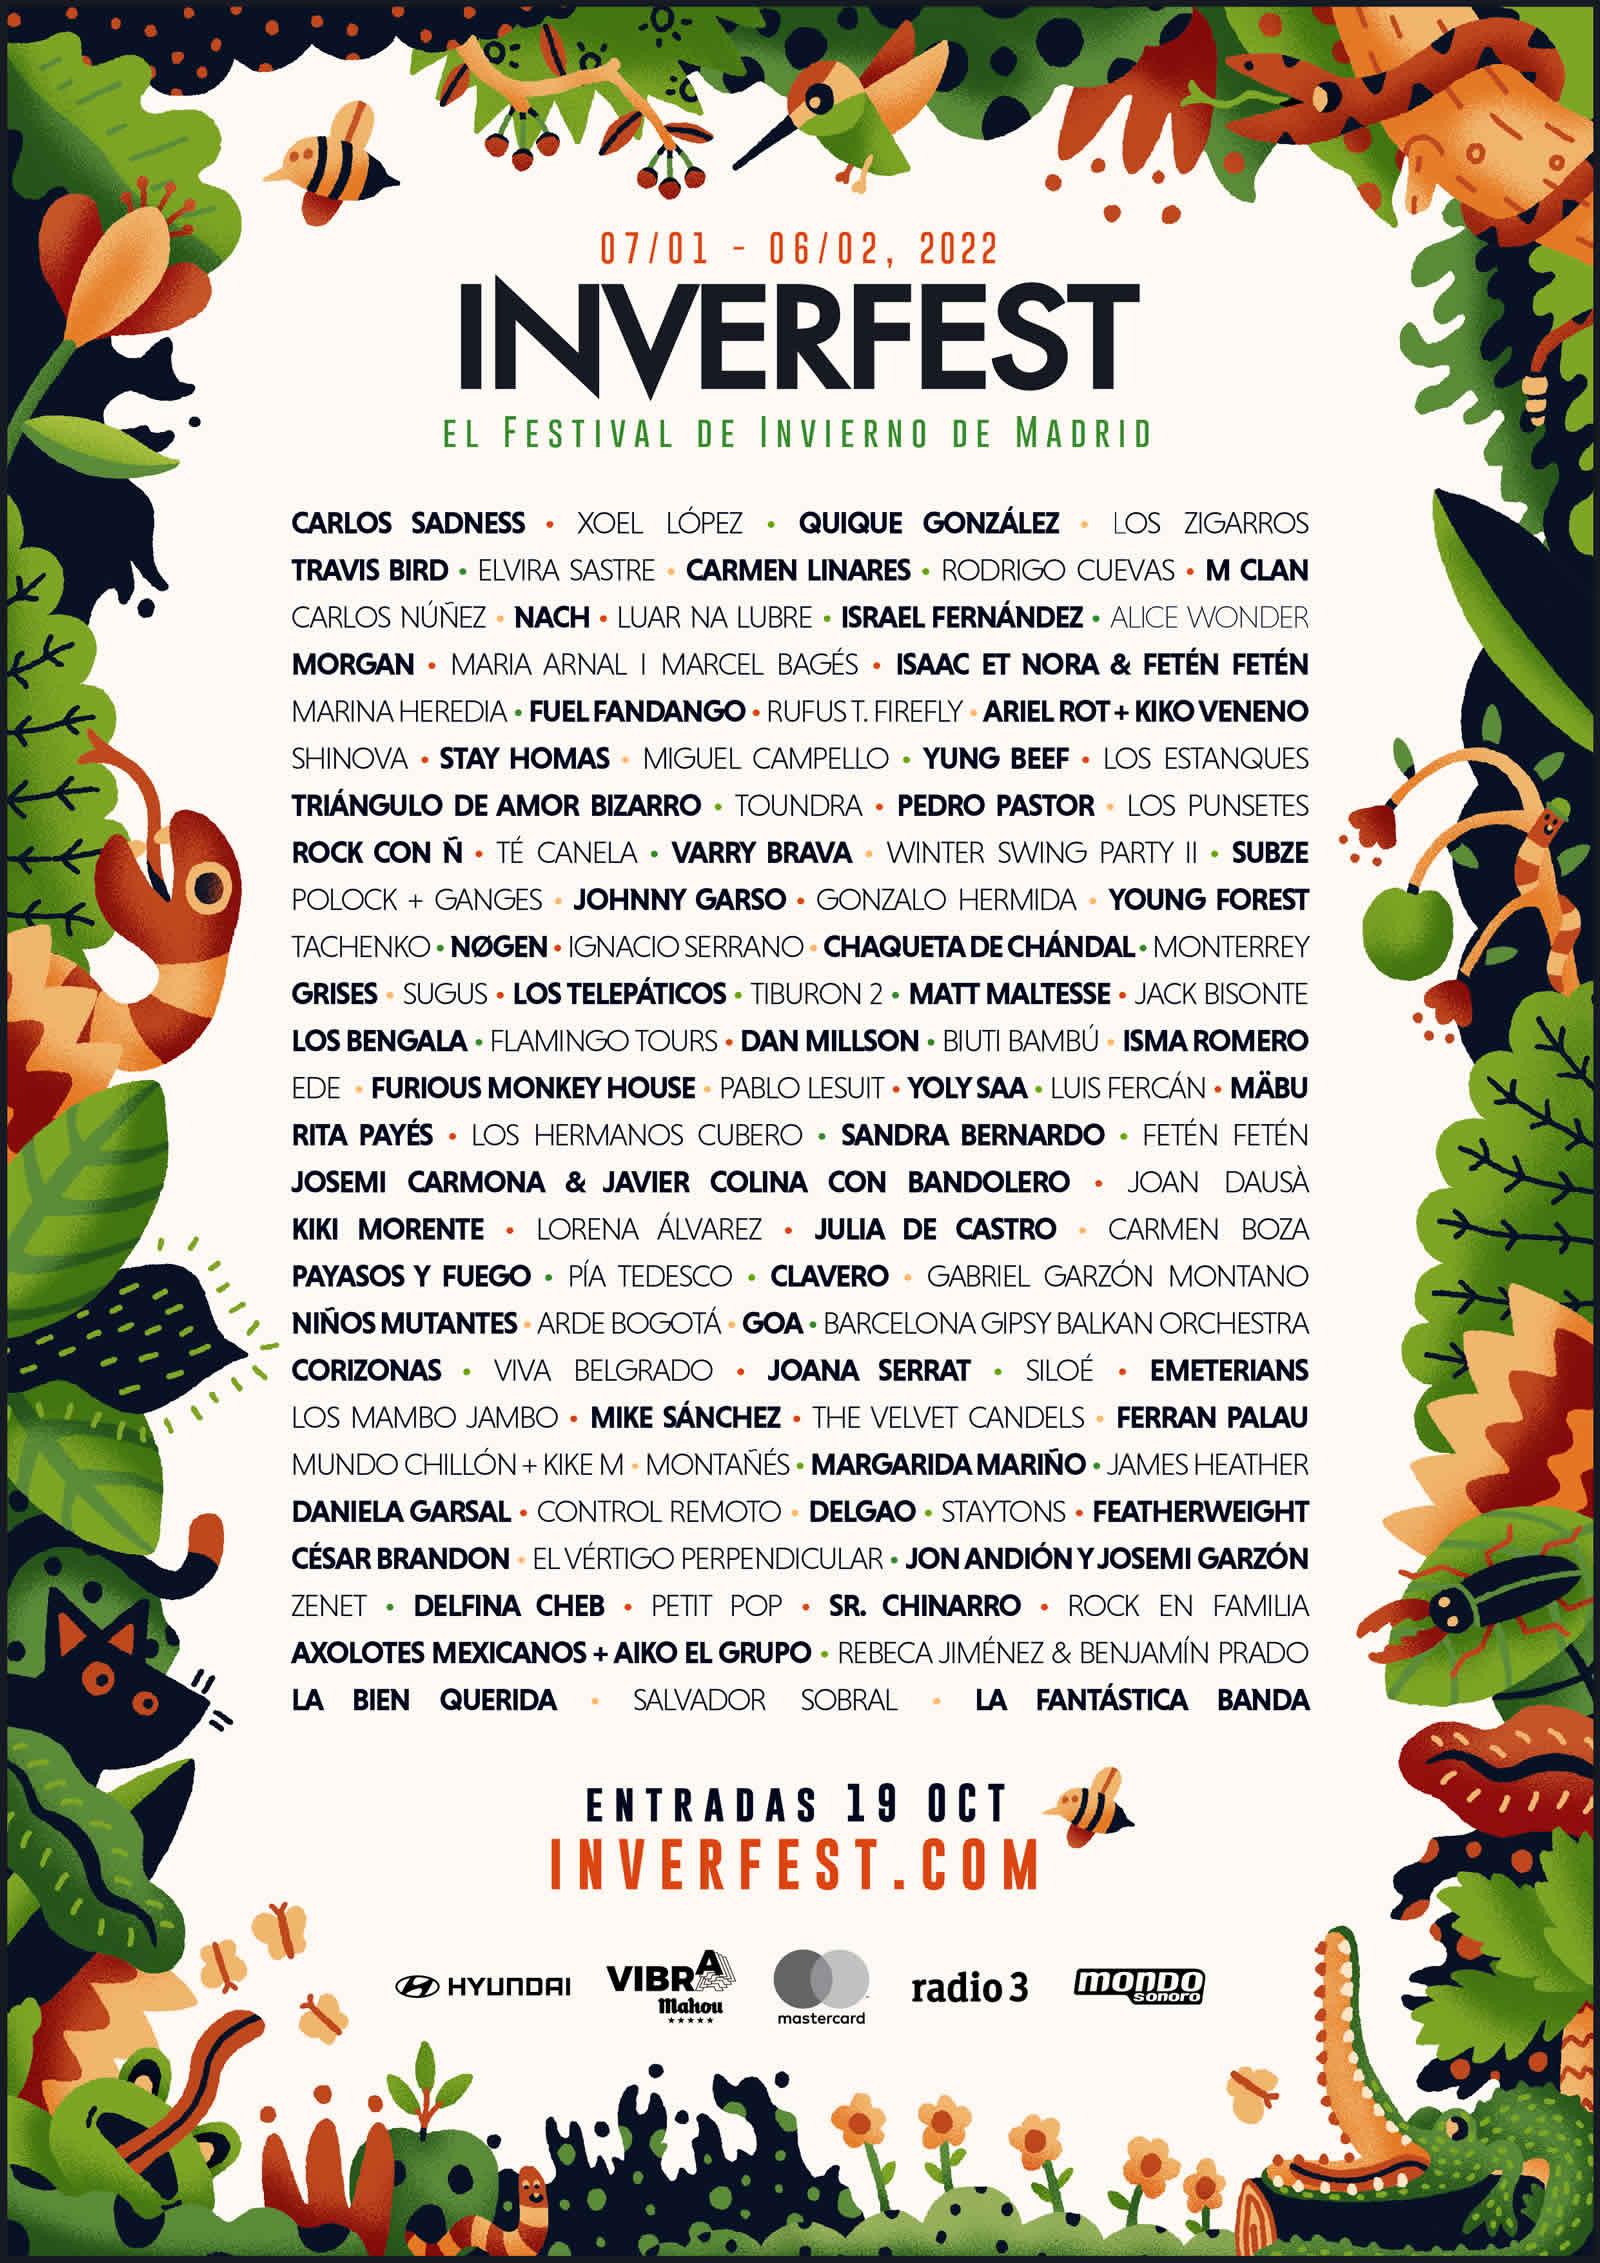 Cartel Inverfest 2022 en Madrid